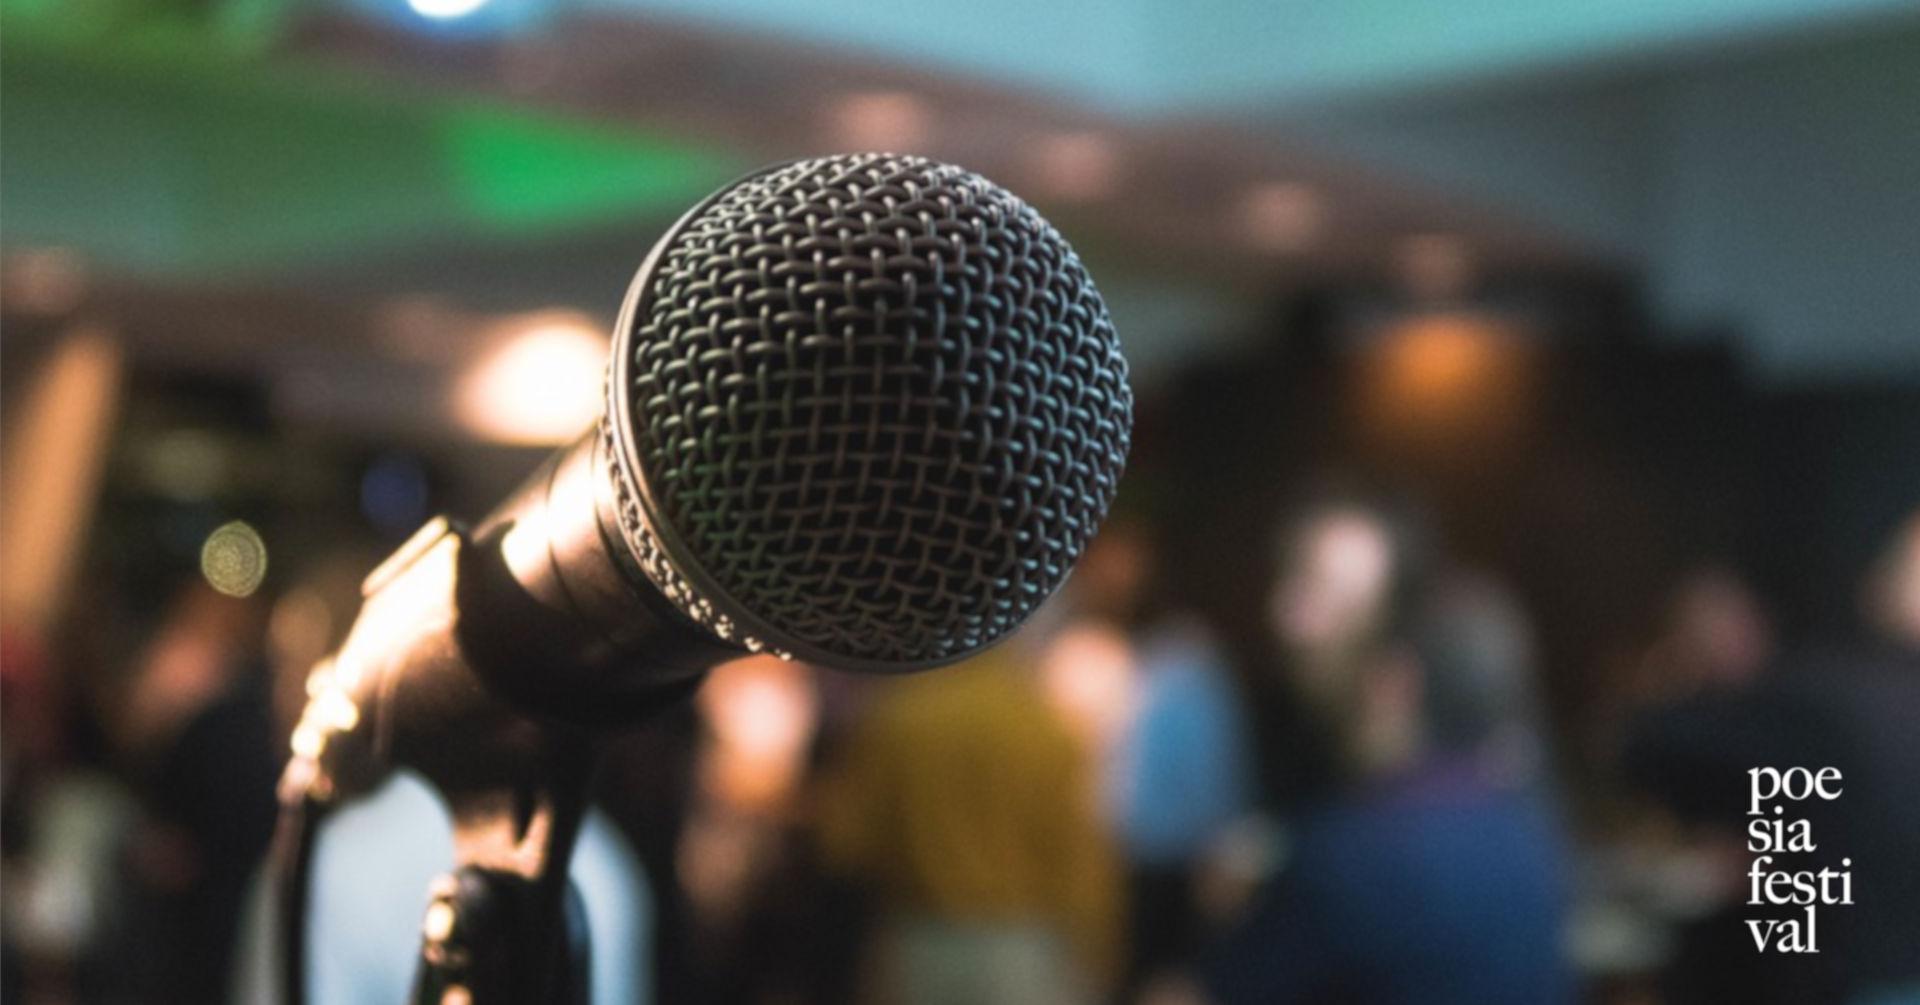 poetry slam a modena poesia festival '19